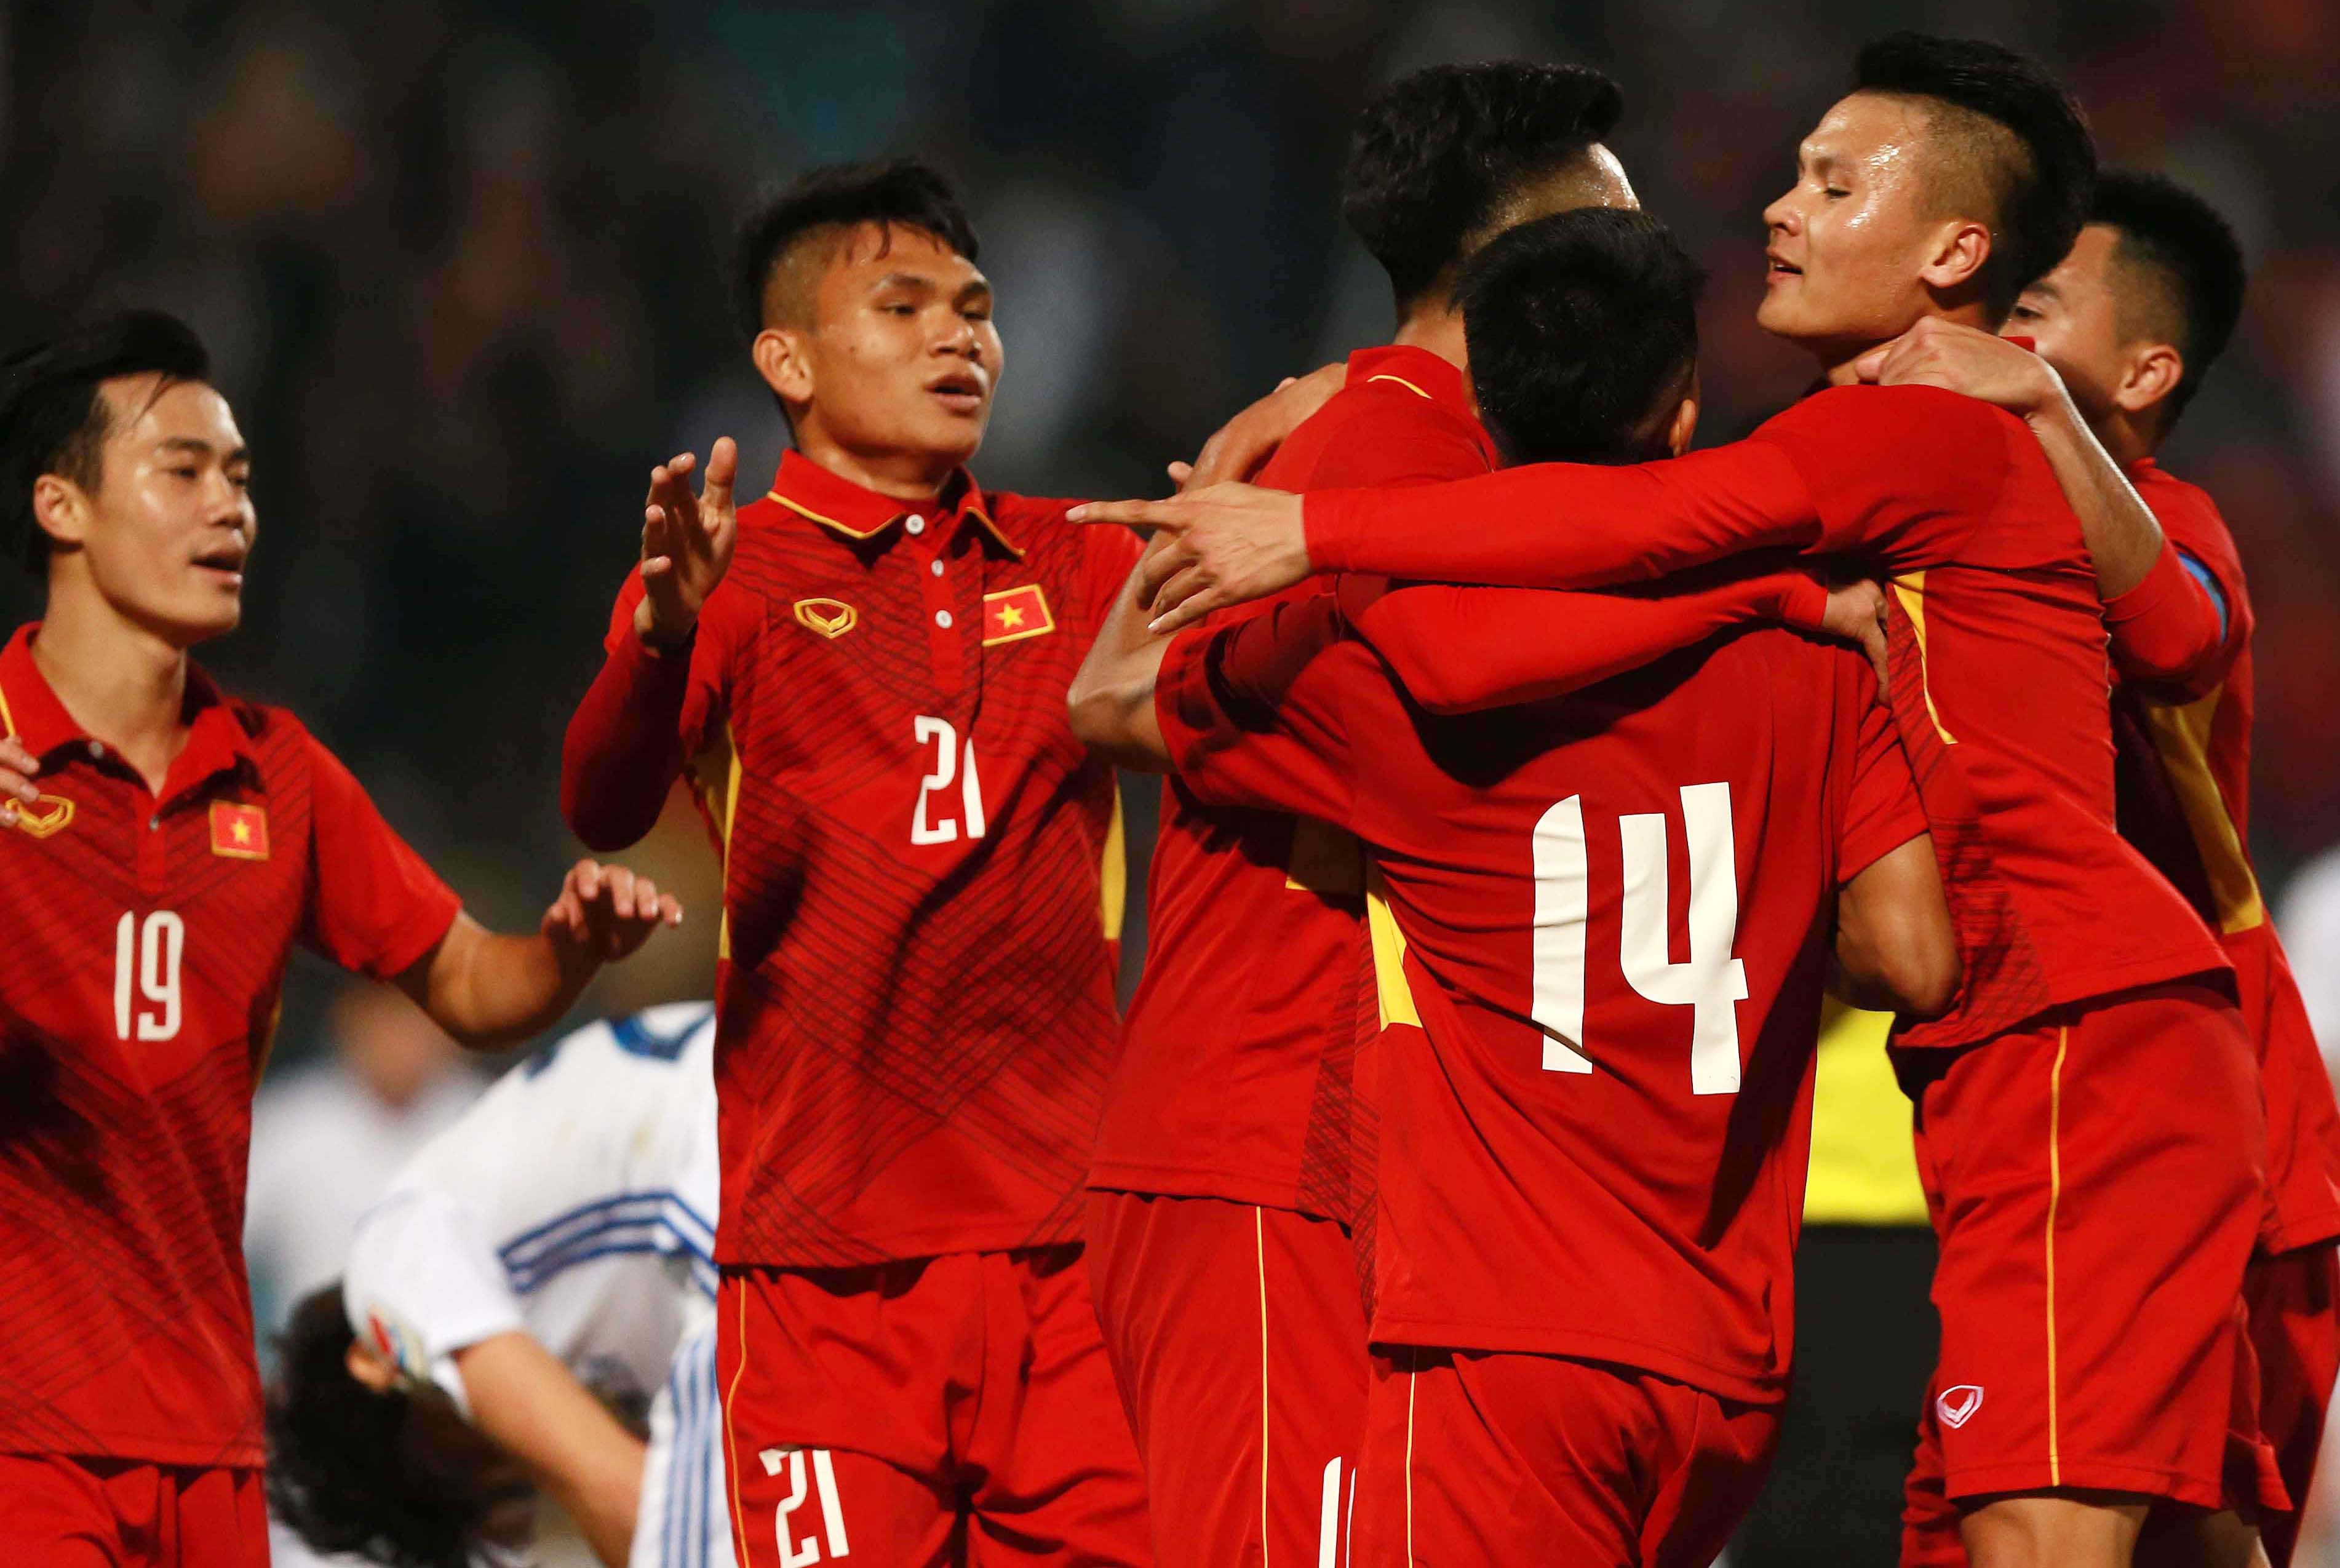 Danh sách 23 cầu thủ U23 Việt Nam tham dự  VCK U23 châu Á 2018